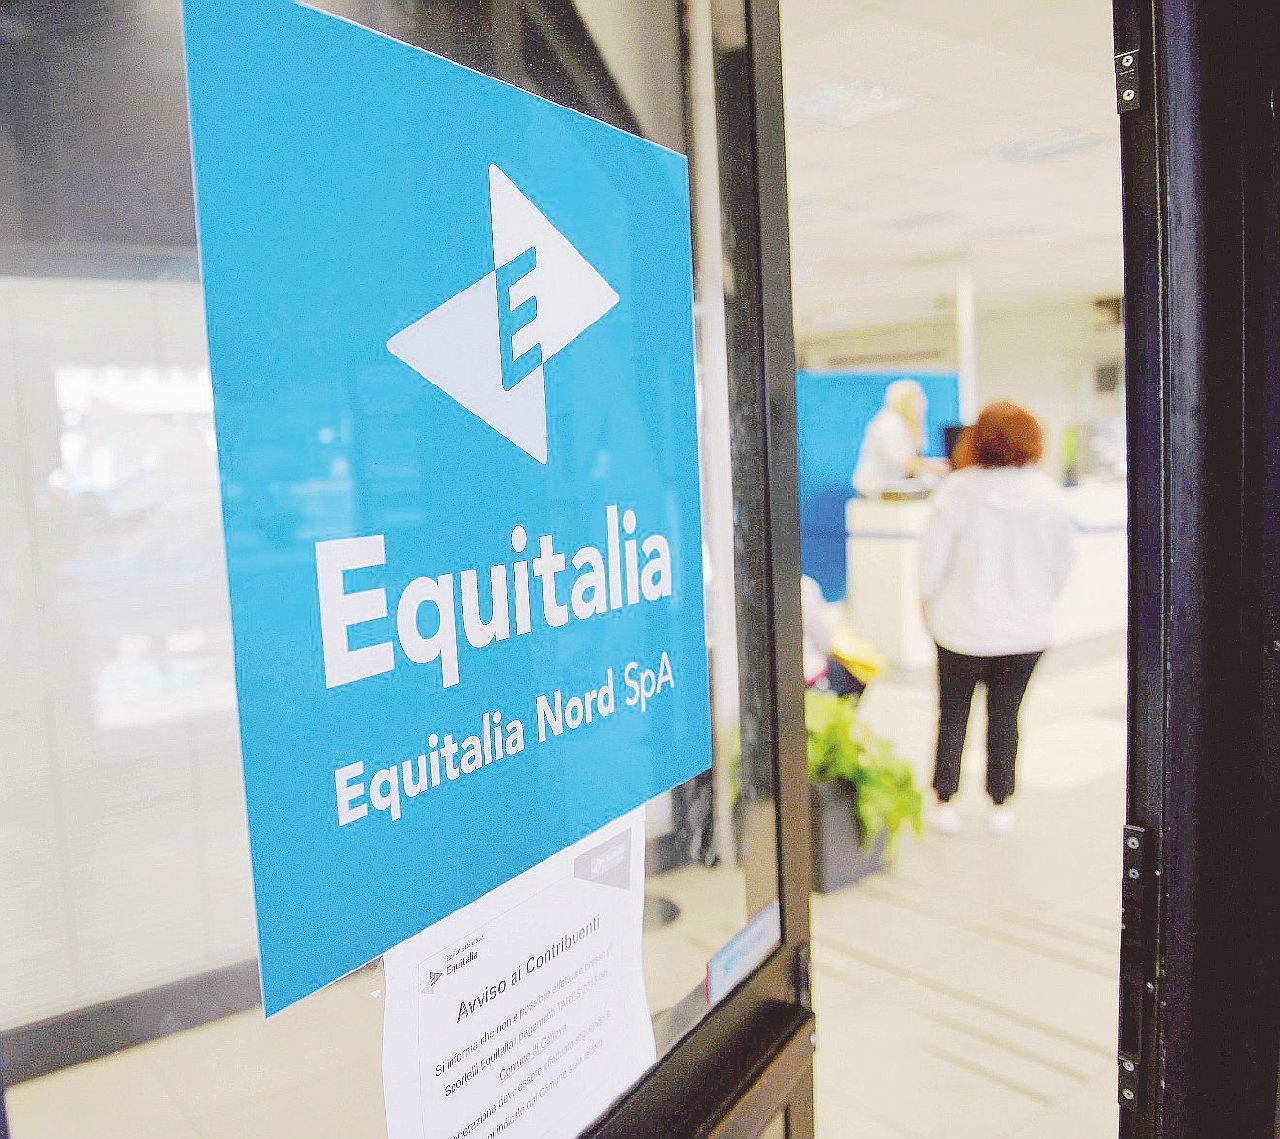 Equitalia, dall'1 luglio entra nell'Agenzia delle Entrate. E potrà pignorare più facilmente i conti correnti